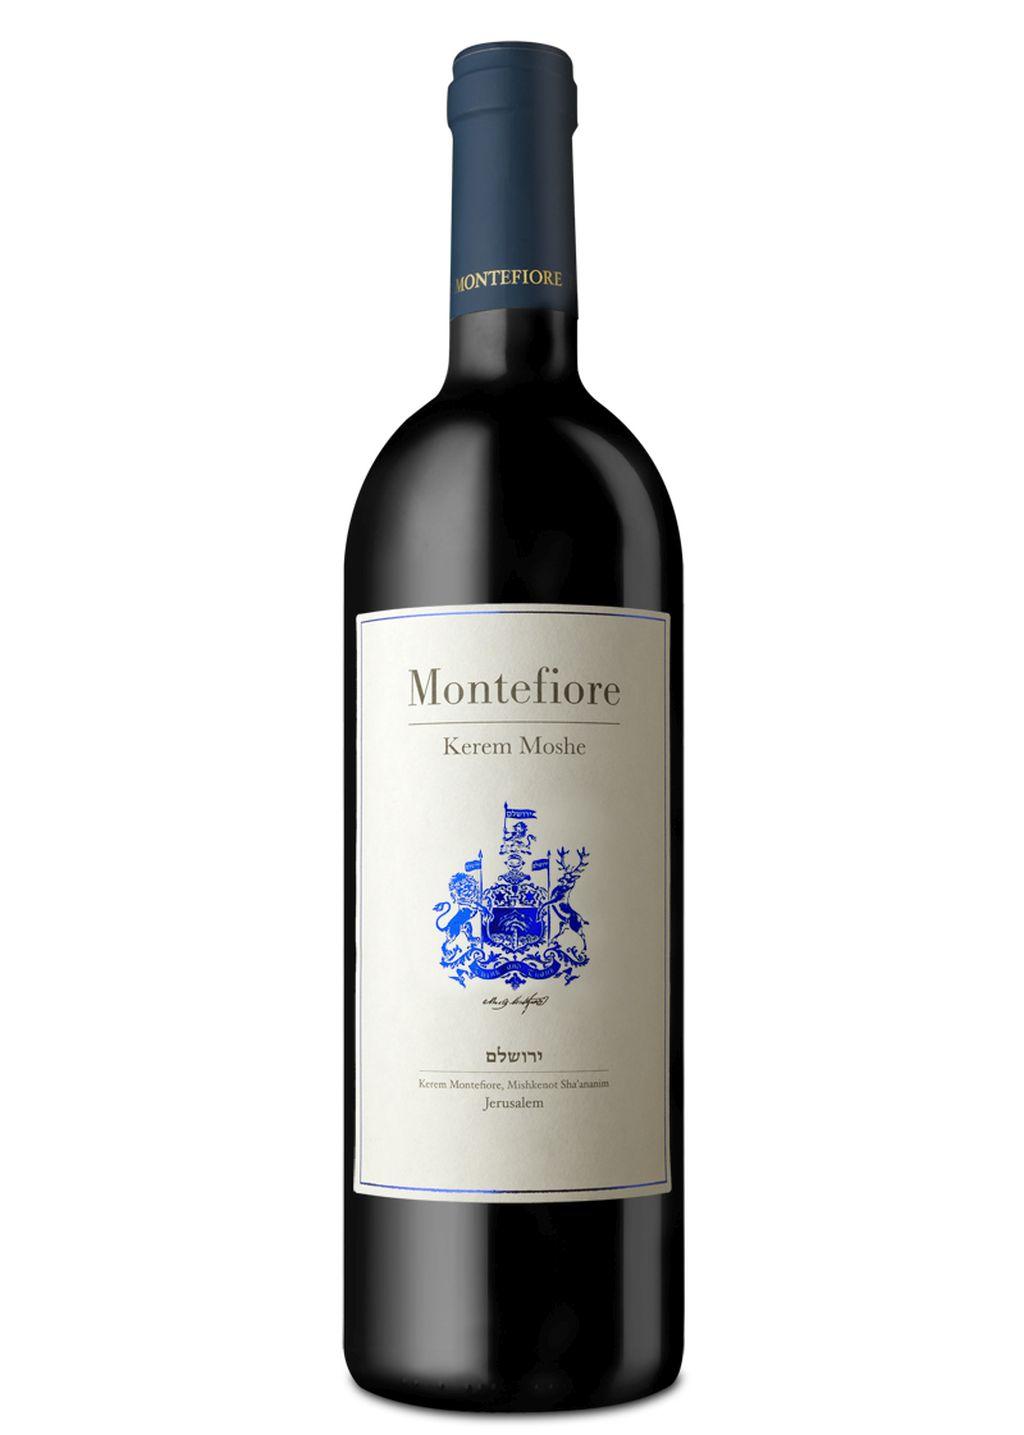 יין מונטיפיורי כרם משה